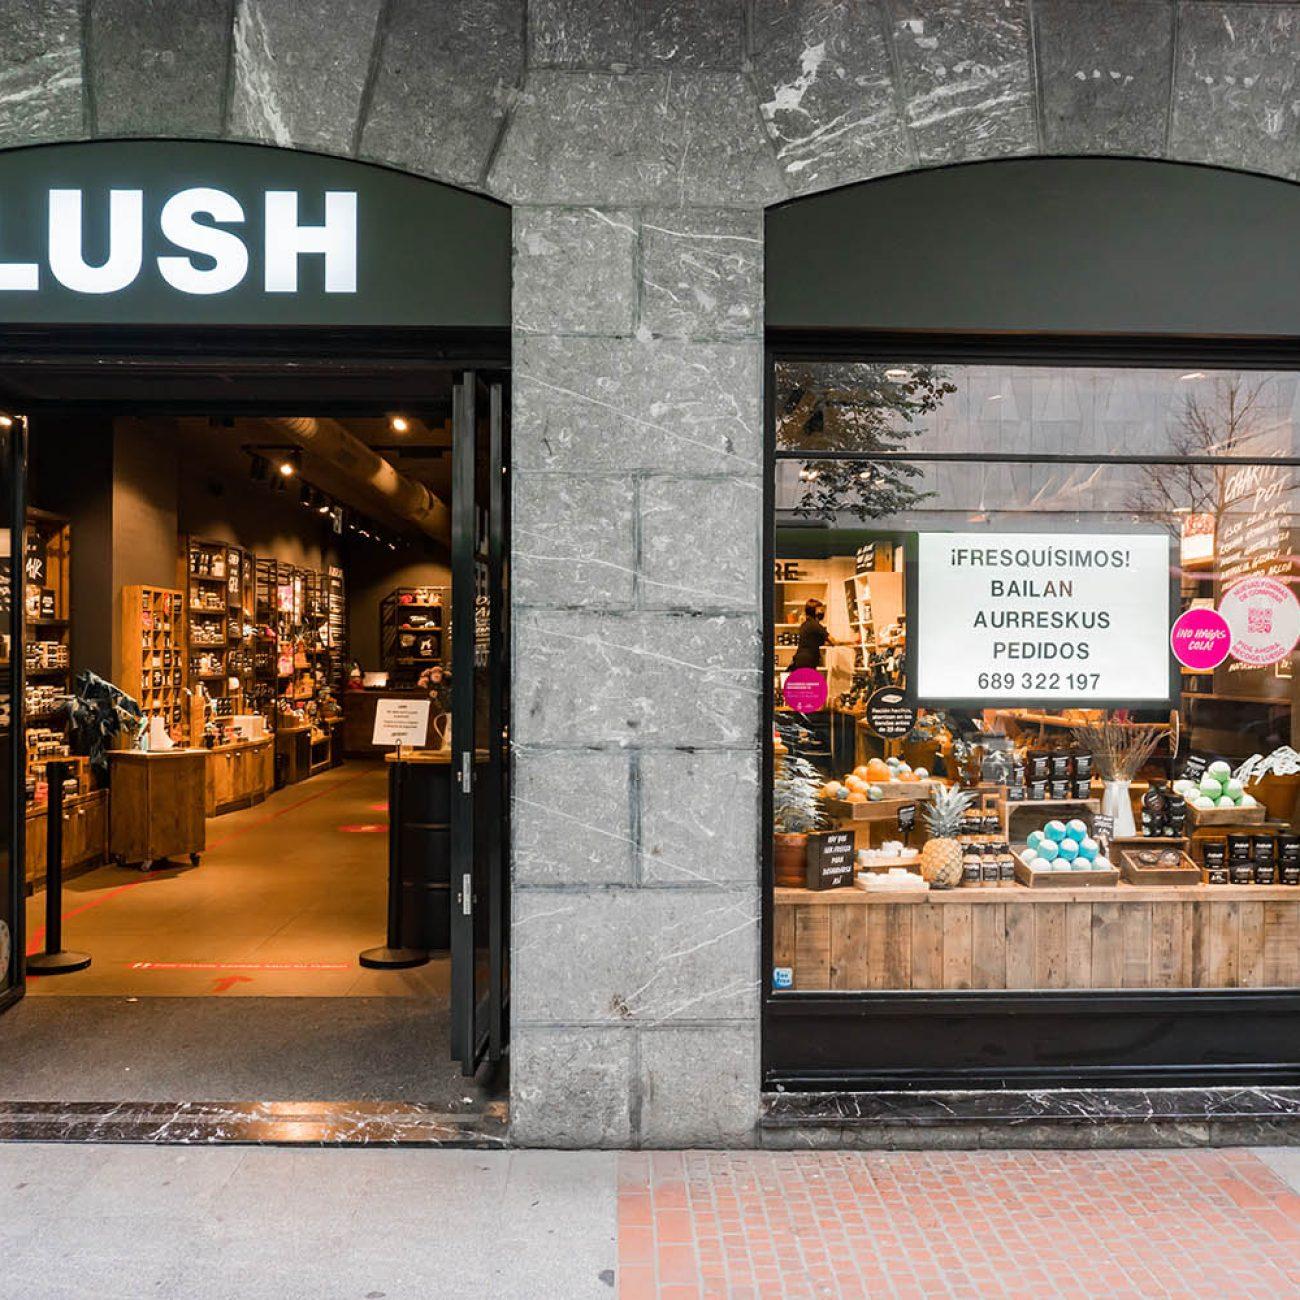 Lush cosmetic